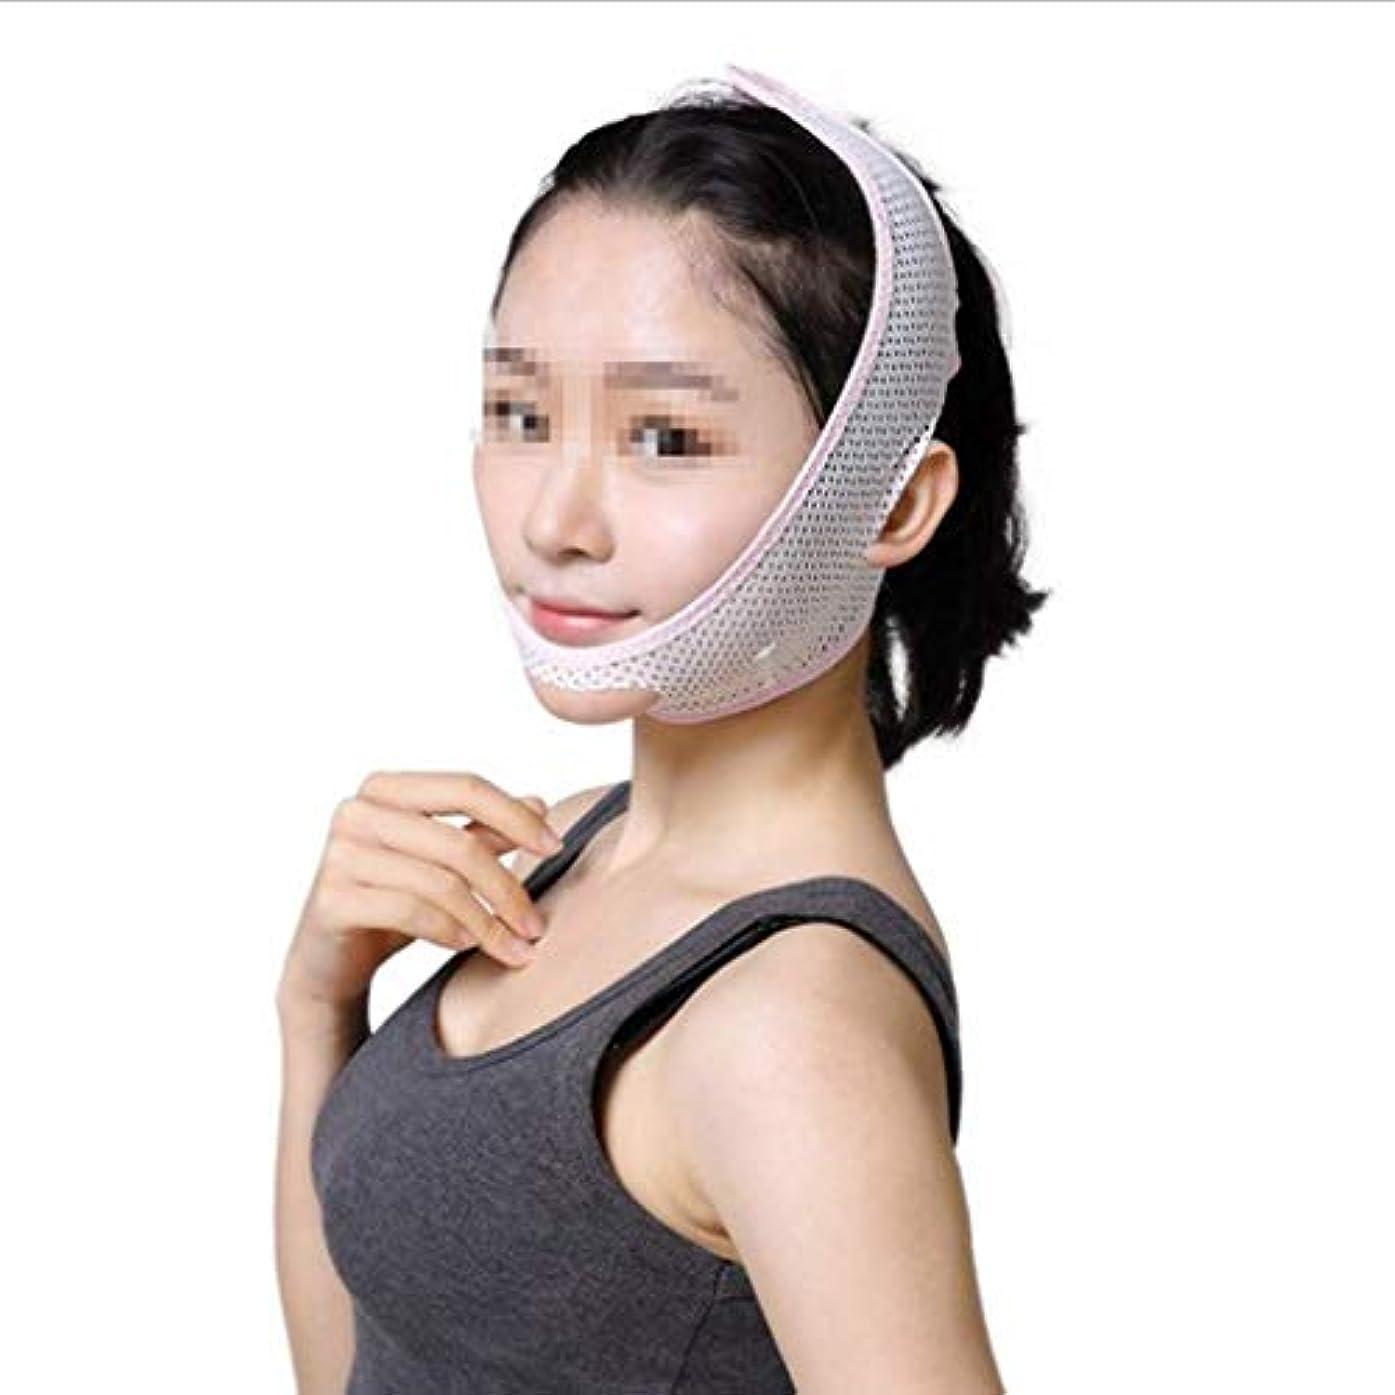 キネマティクス遮るトライアスロン超薄型通気性フェイスマスク、包帯Vフェイスマスクフェイスリフティングファーミングダブルチンシンフェイスベルト(サイズ:L)